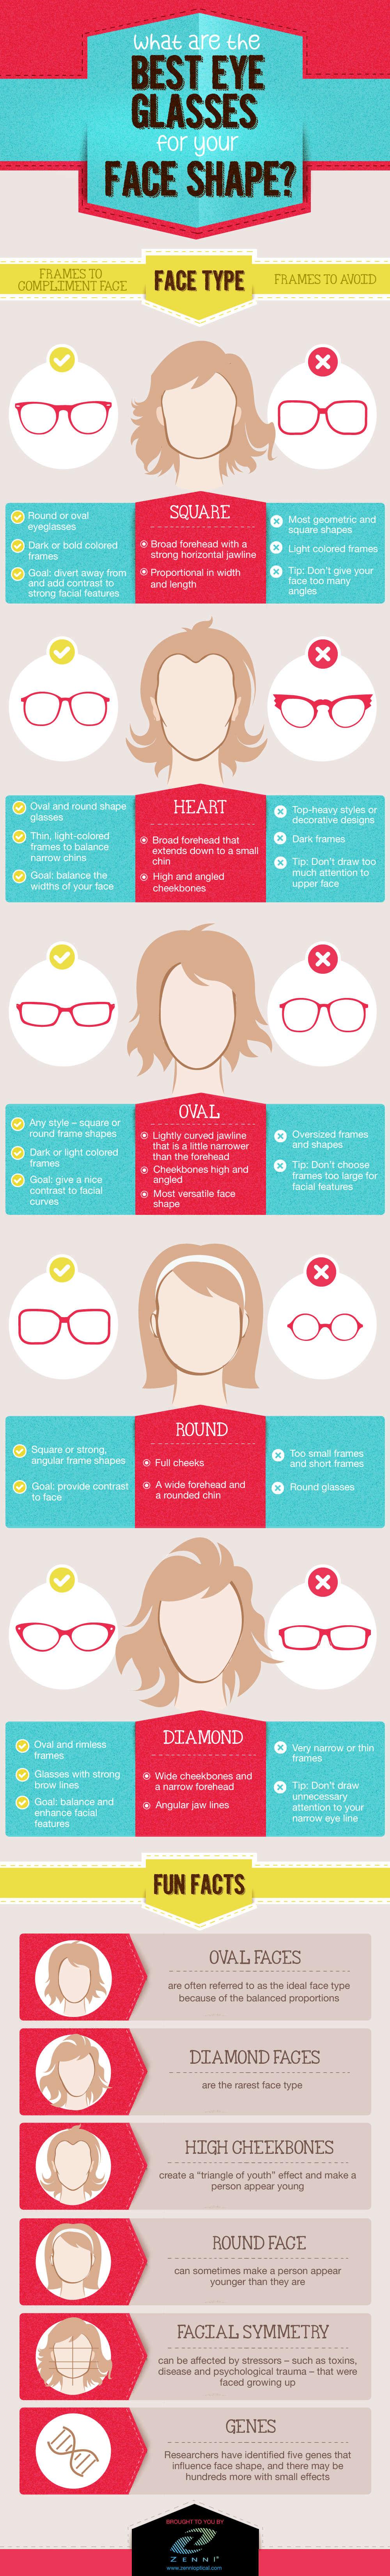 インフォグラフィック:自分に合うメガネ選びのポイント。顔の形別メガネフレームシミュレーション